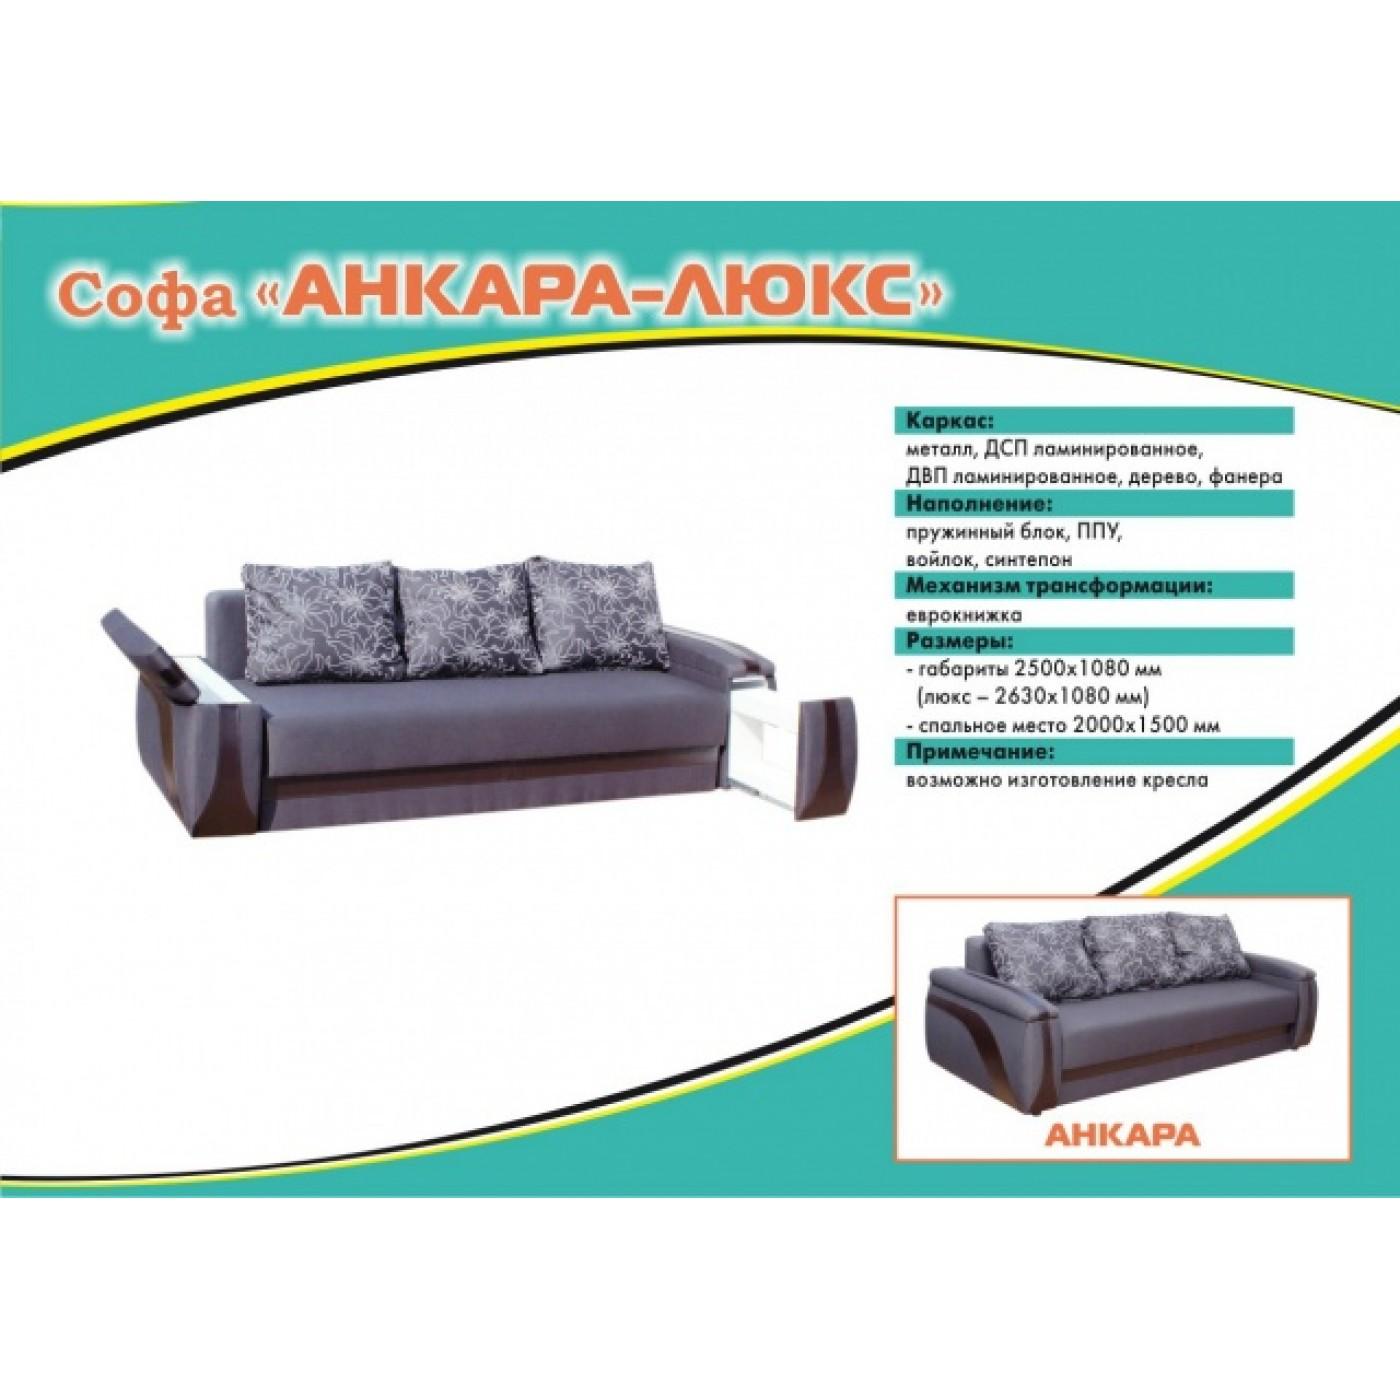 Анкара софа